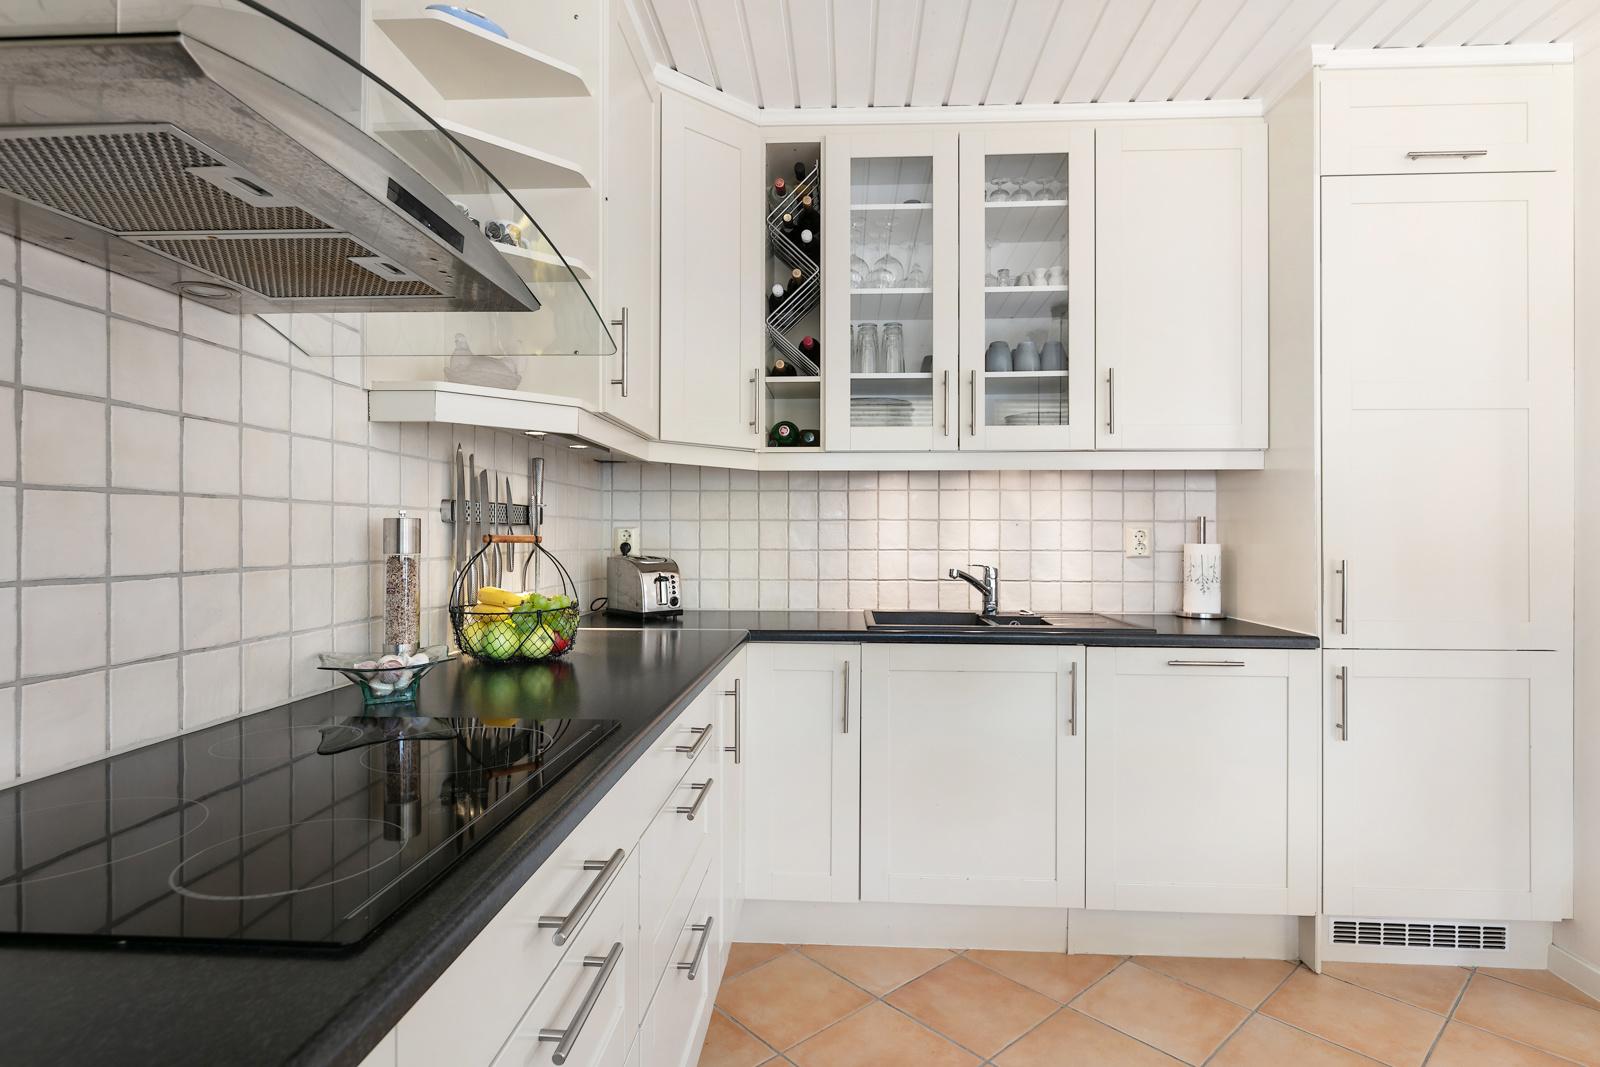 Kjøkkeninnredning med slette fronter og vitrineskap